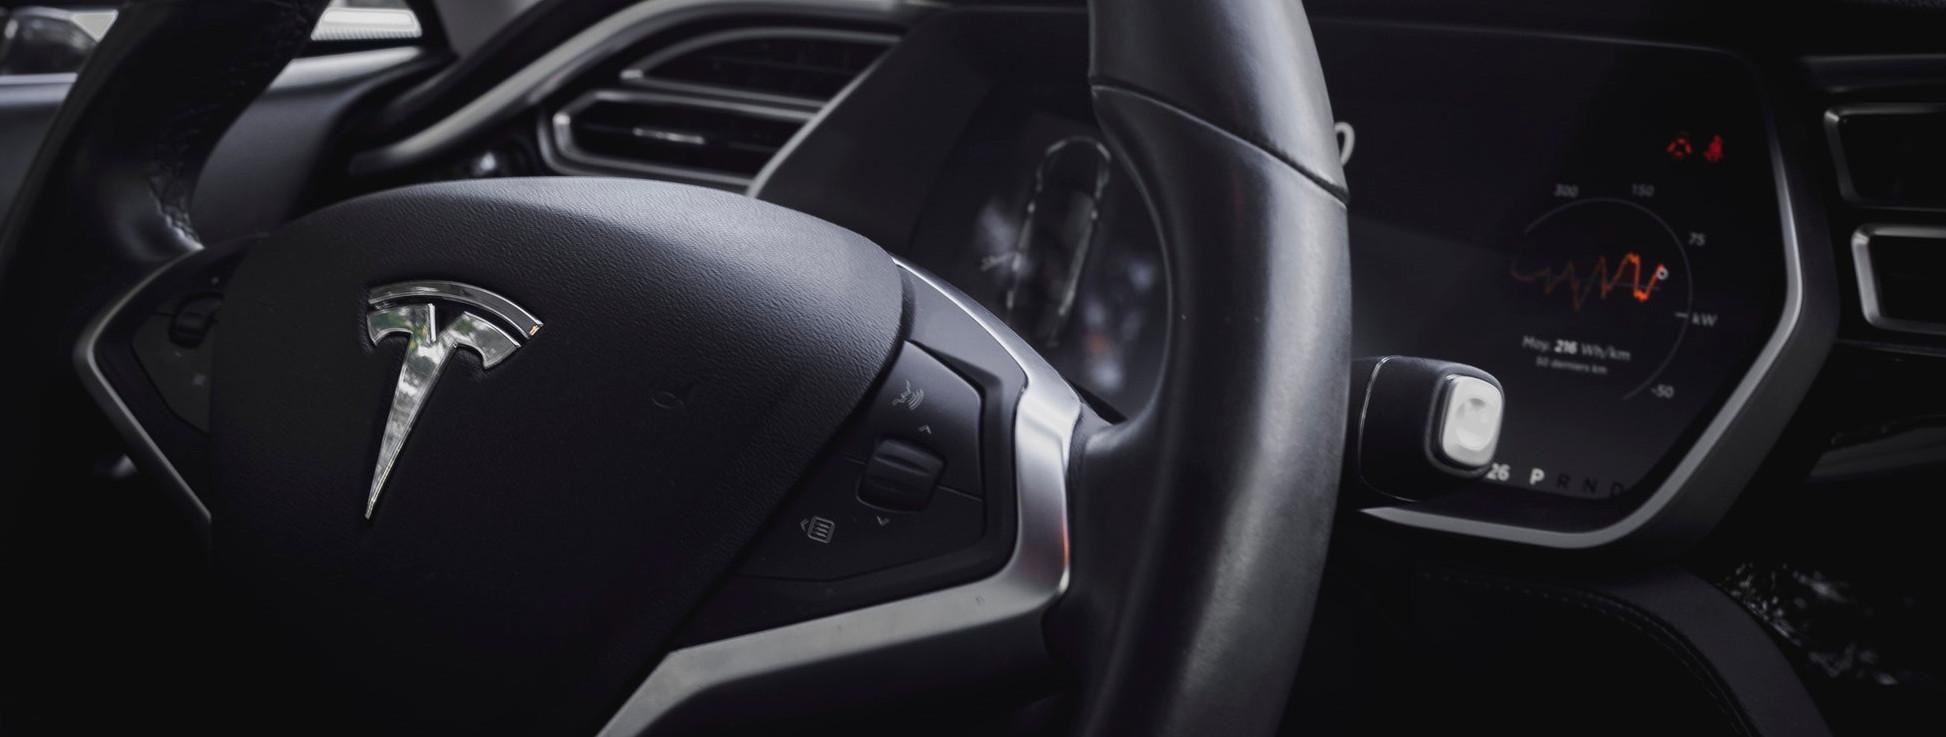 Tesla presenta el chip «Full Self-Driving», el nuevo cerebro de la conducción autónoma de sus vehículos.